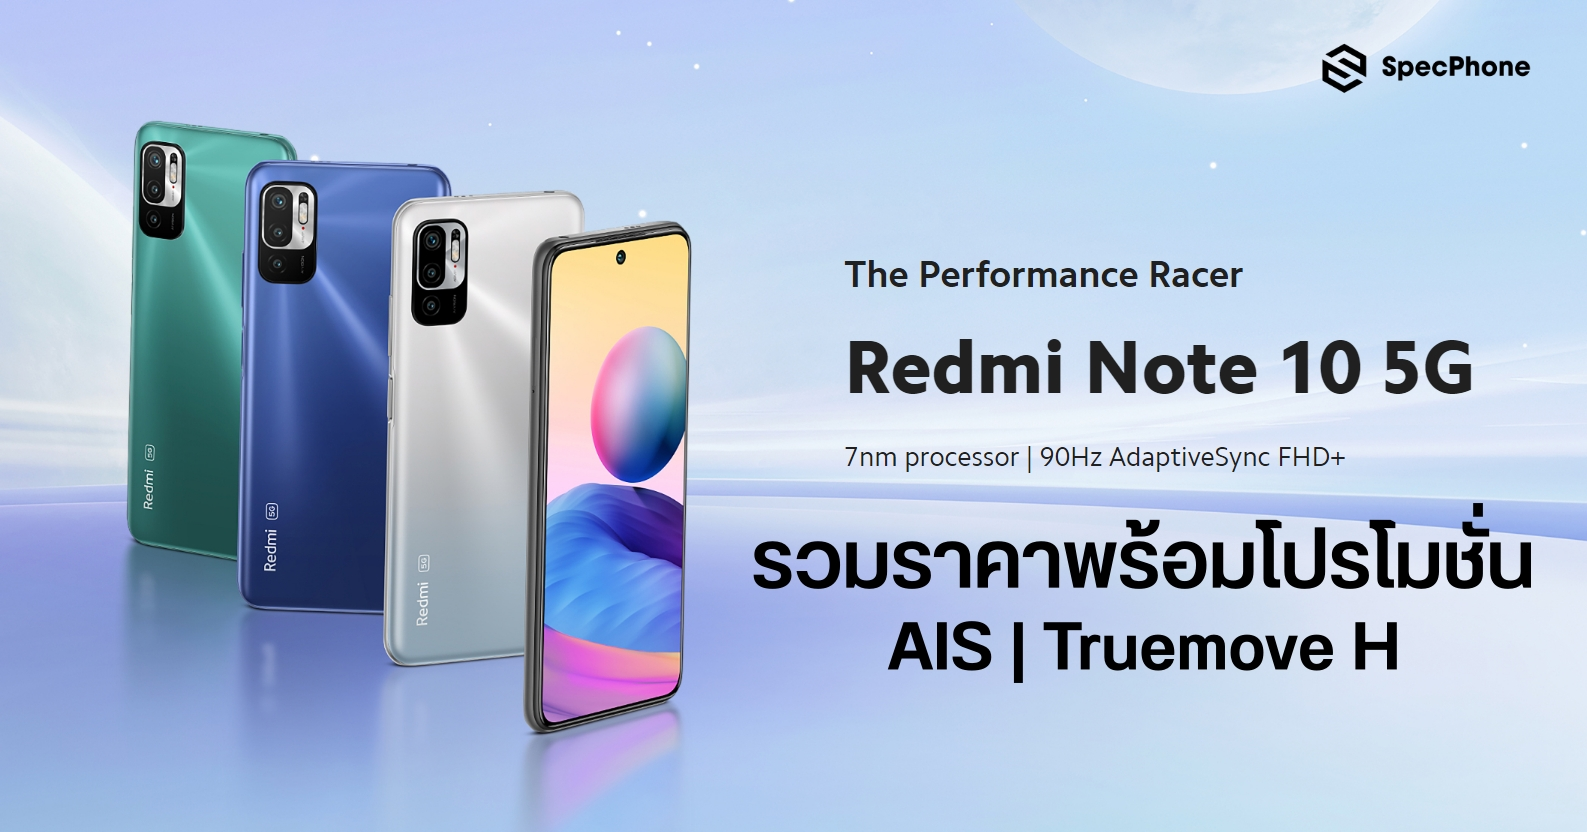 Redmi Note 10 5G ราคาพร้อมโปรโมชั่นต่าง ๆ จากทุกช่องทาง